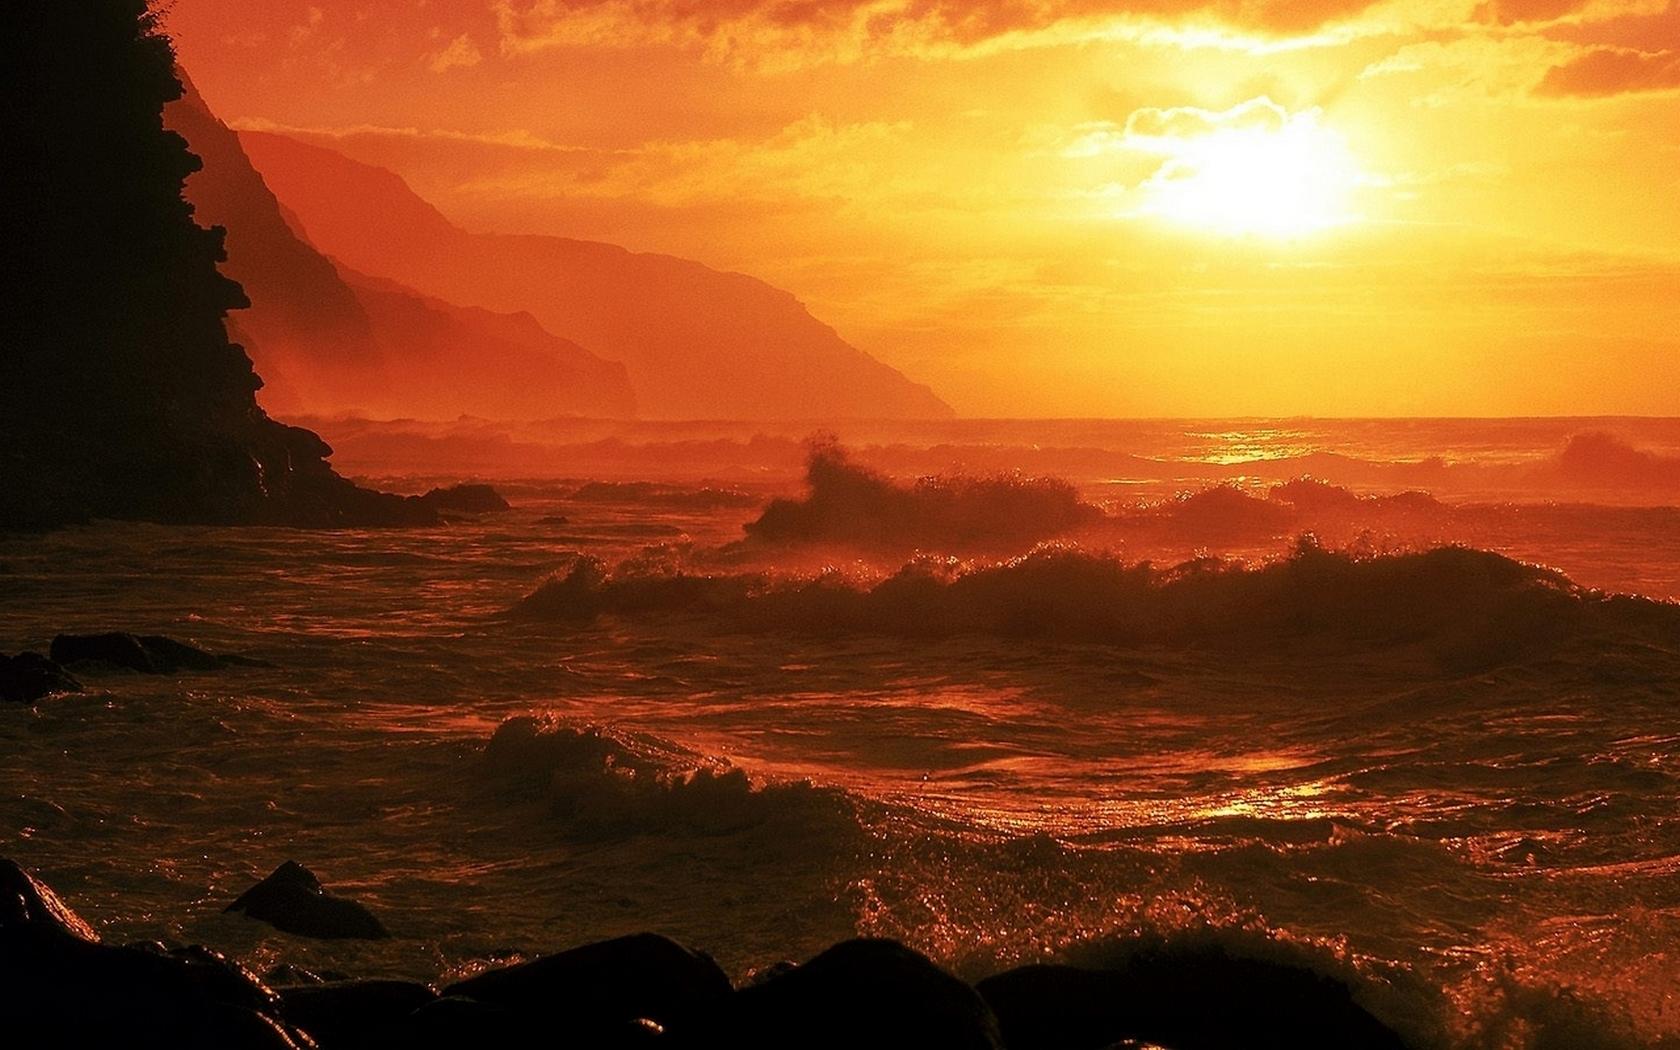 Puesta de sol en playas rocosas - 1680x1050